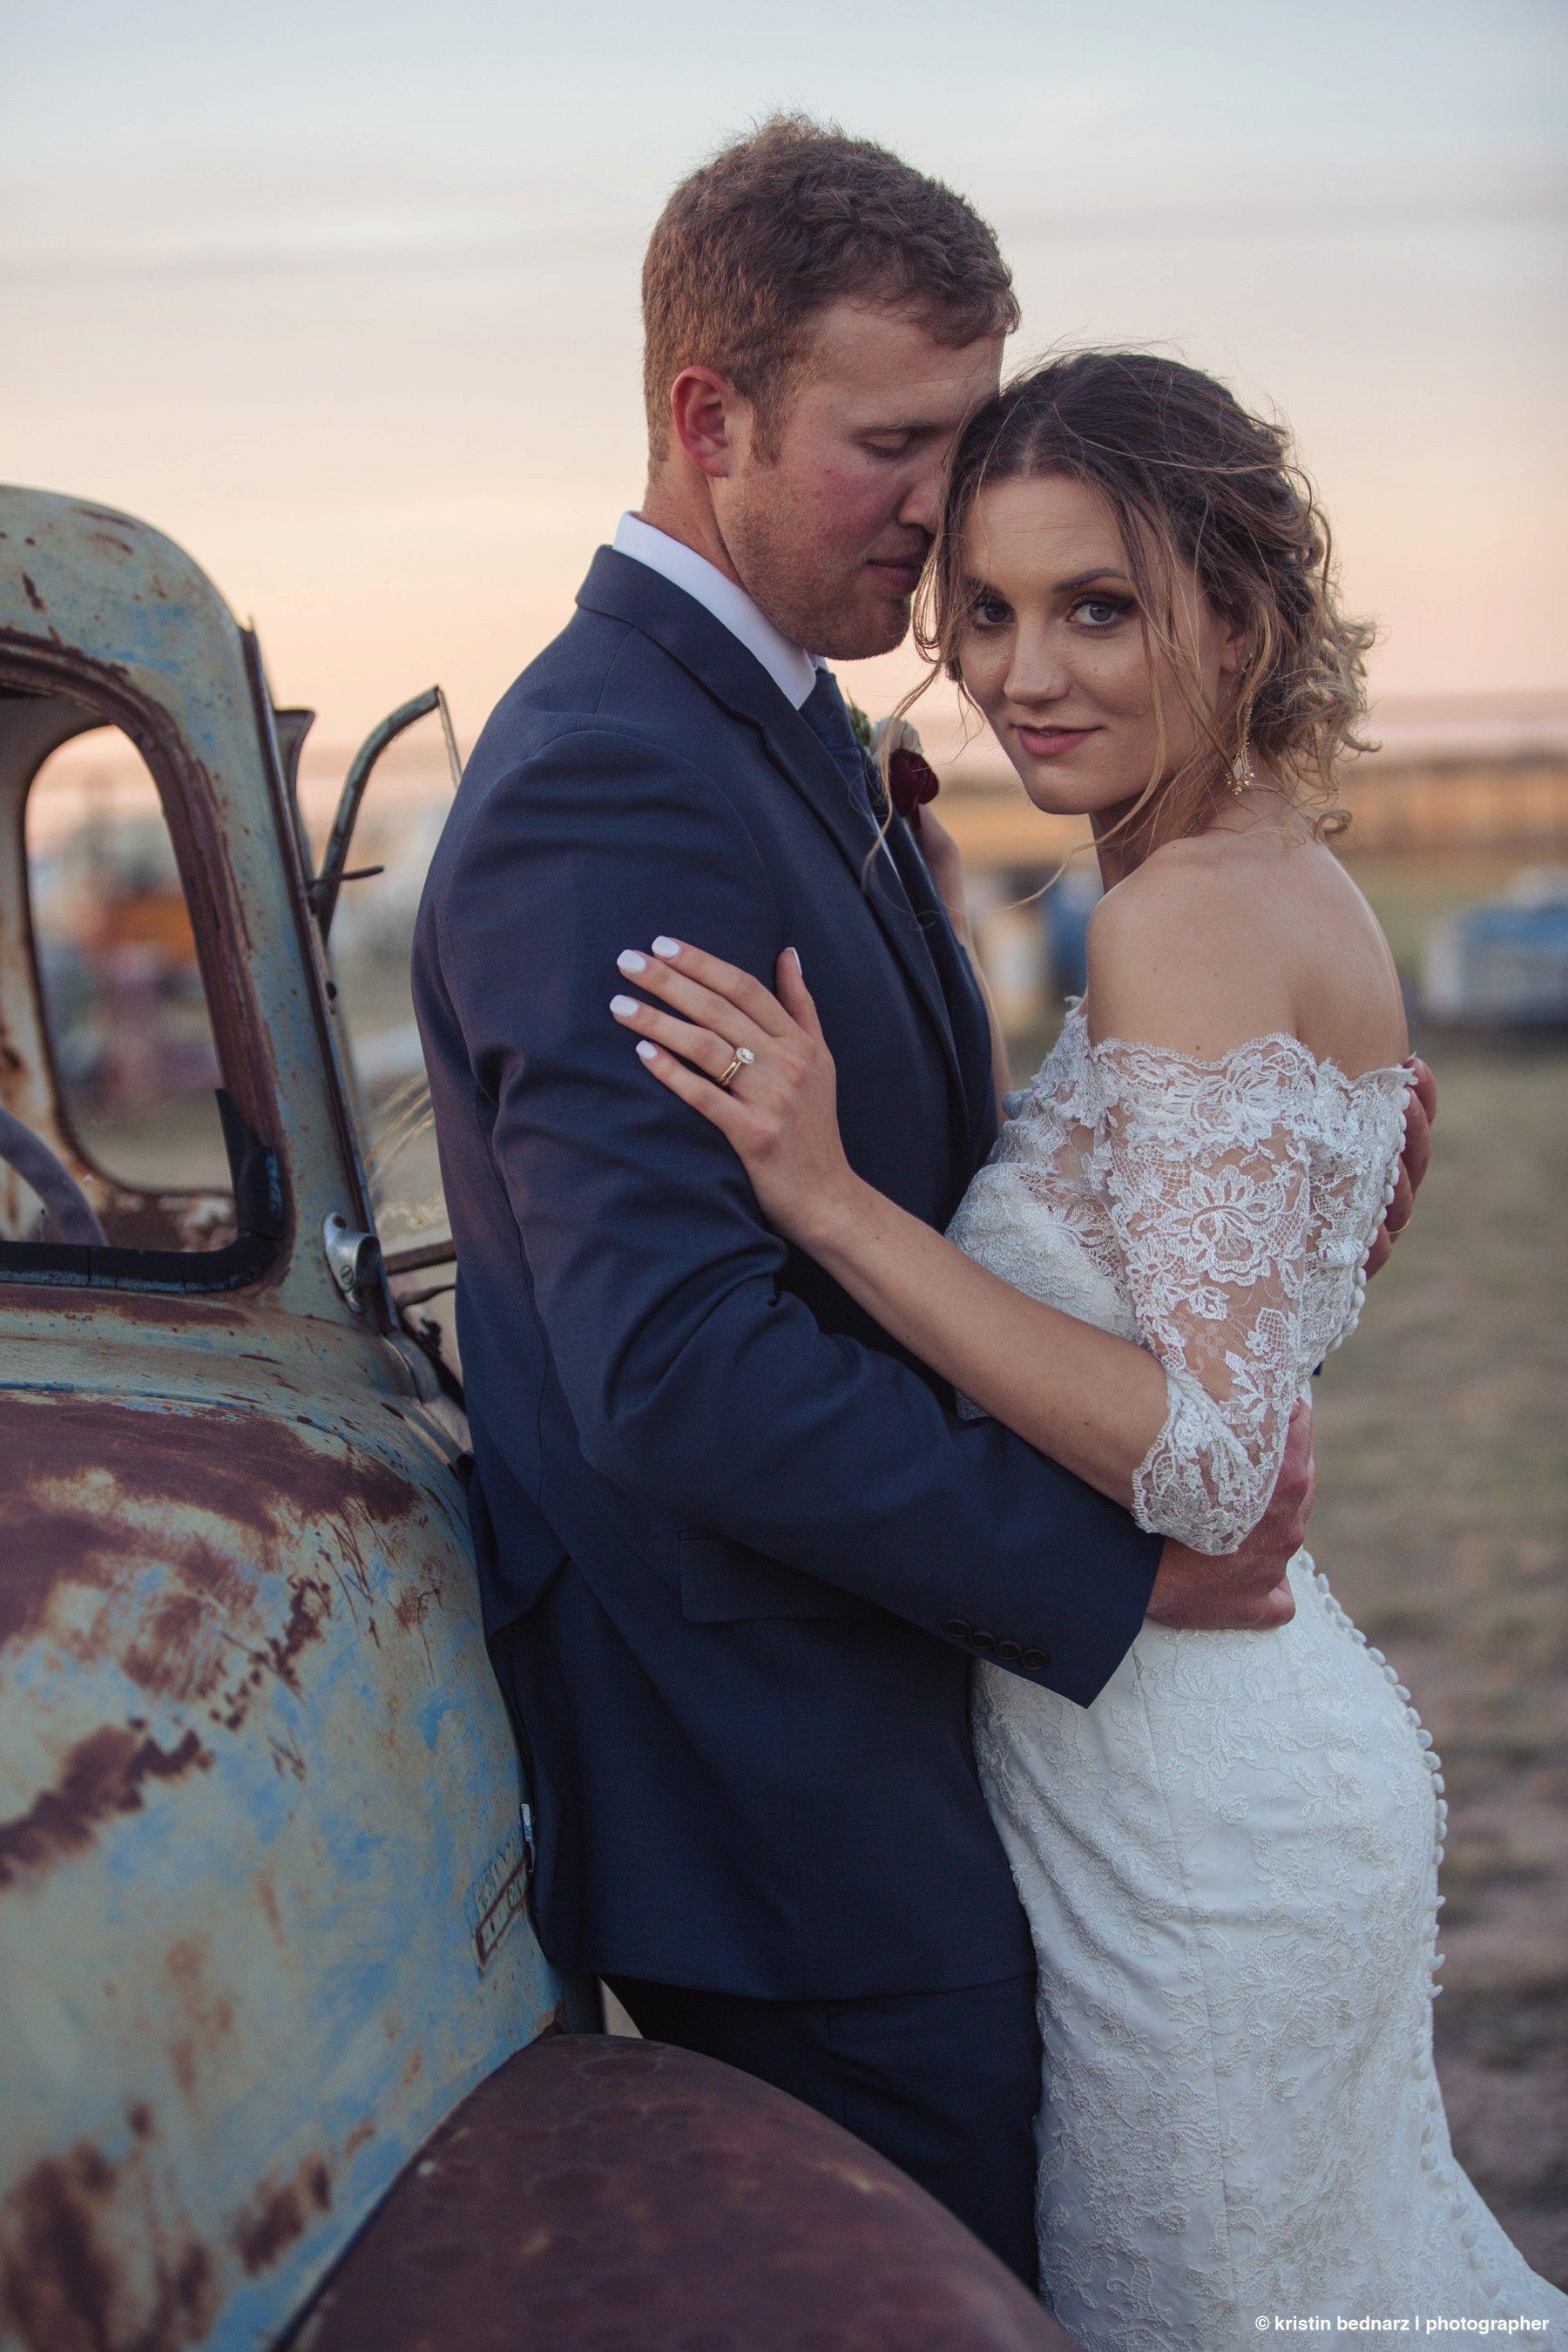 Krisitin_Bednarz_Lubbock_Wedding_Photographer_20180602_0085.JPG